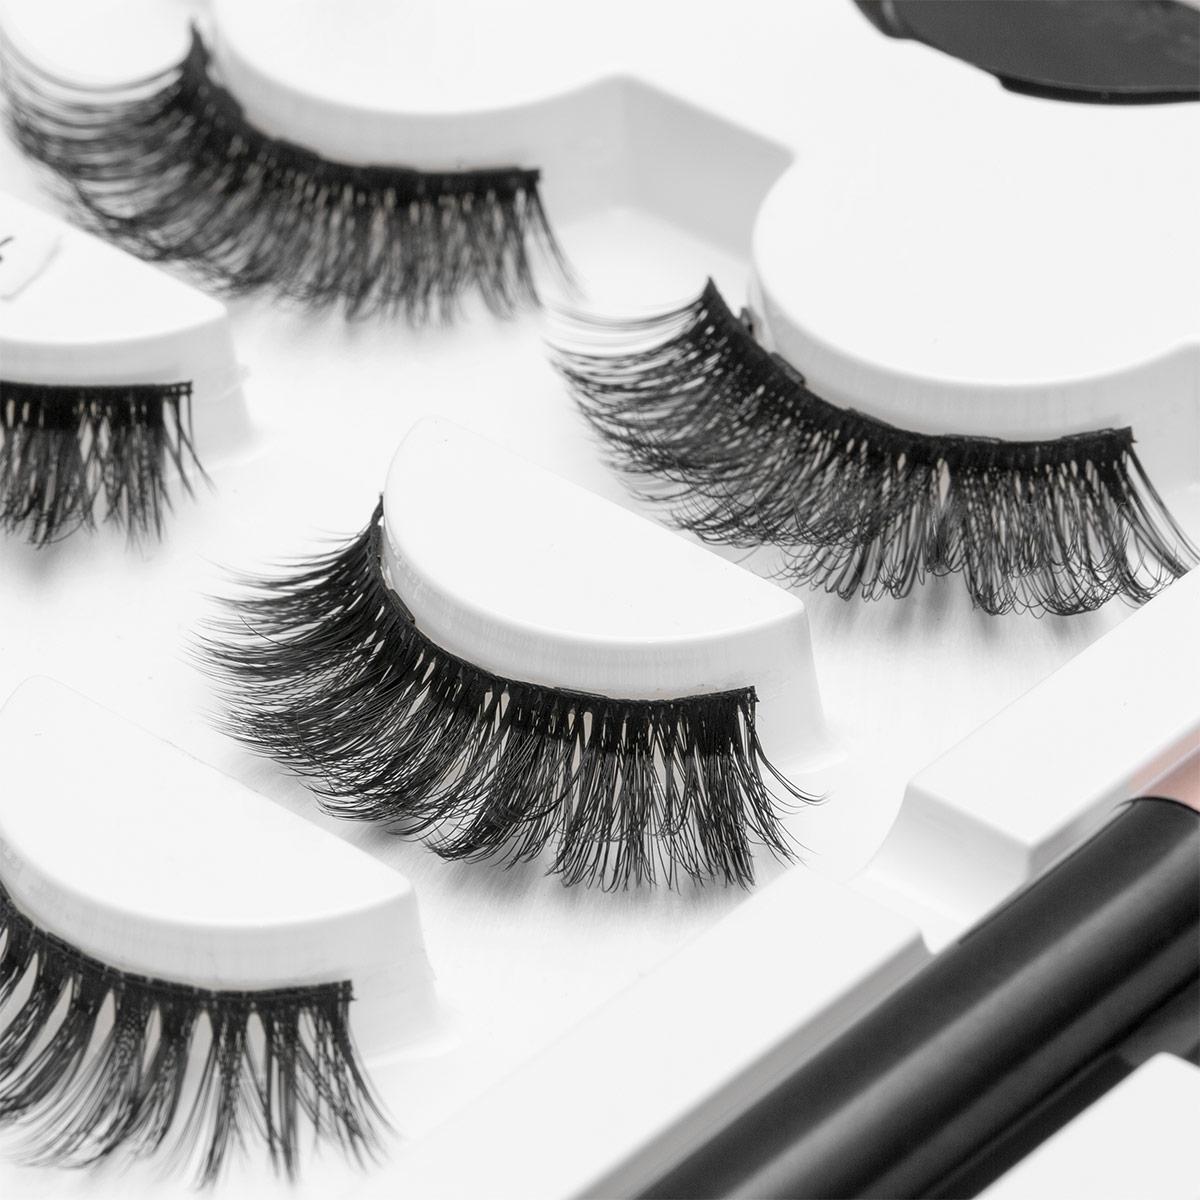 3pair 5 Magnetic Eyelashes 3D Faux mink Eyelashes Magnet Lashes Magnetic Liquid Eyeliner&Magnetic False Eyelashes & Tweezer Set 2